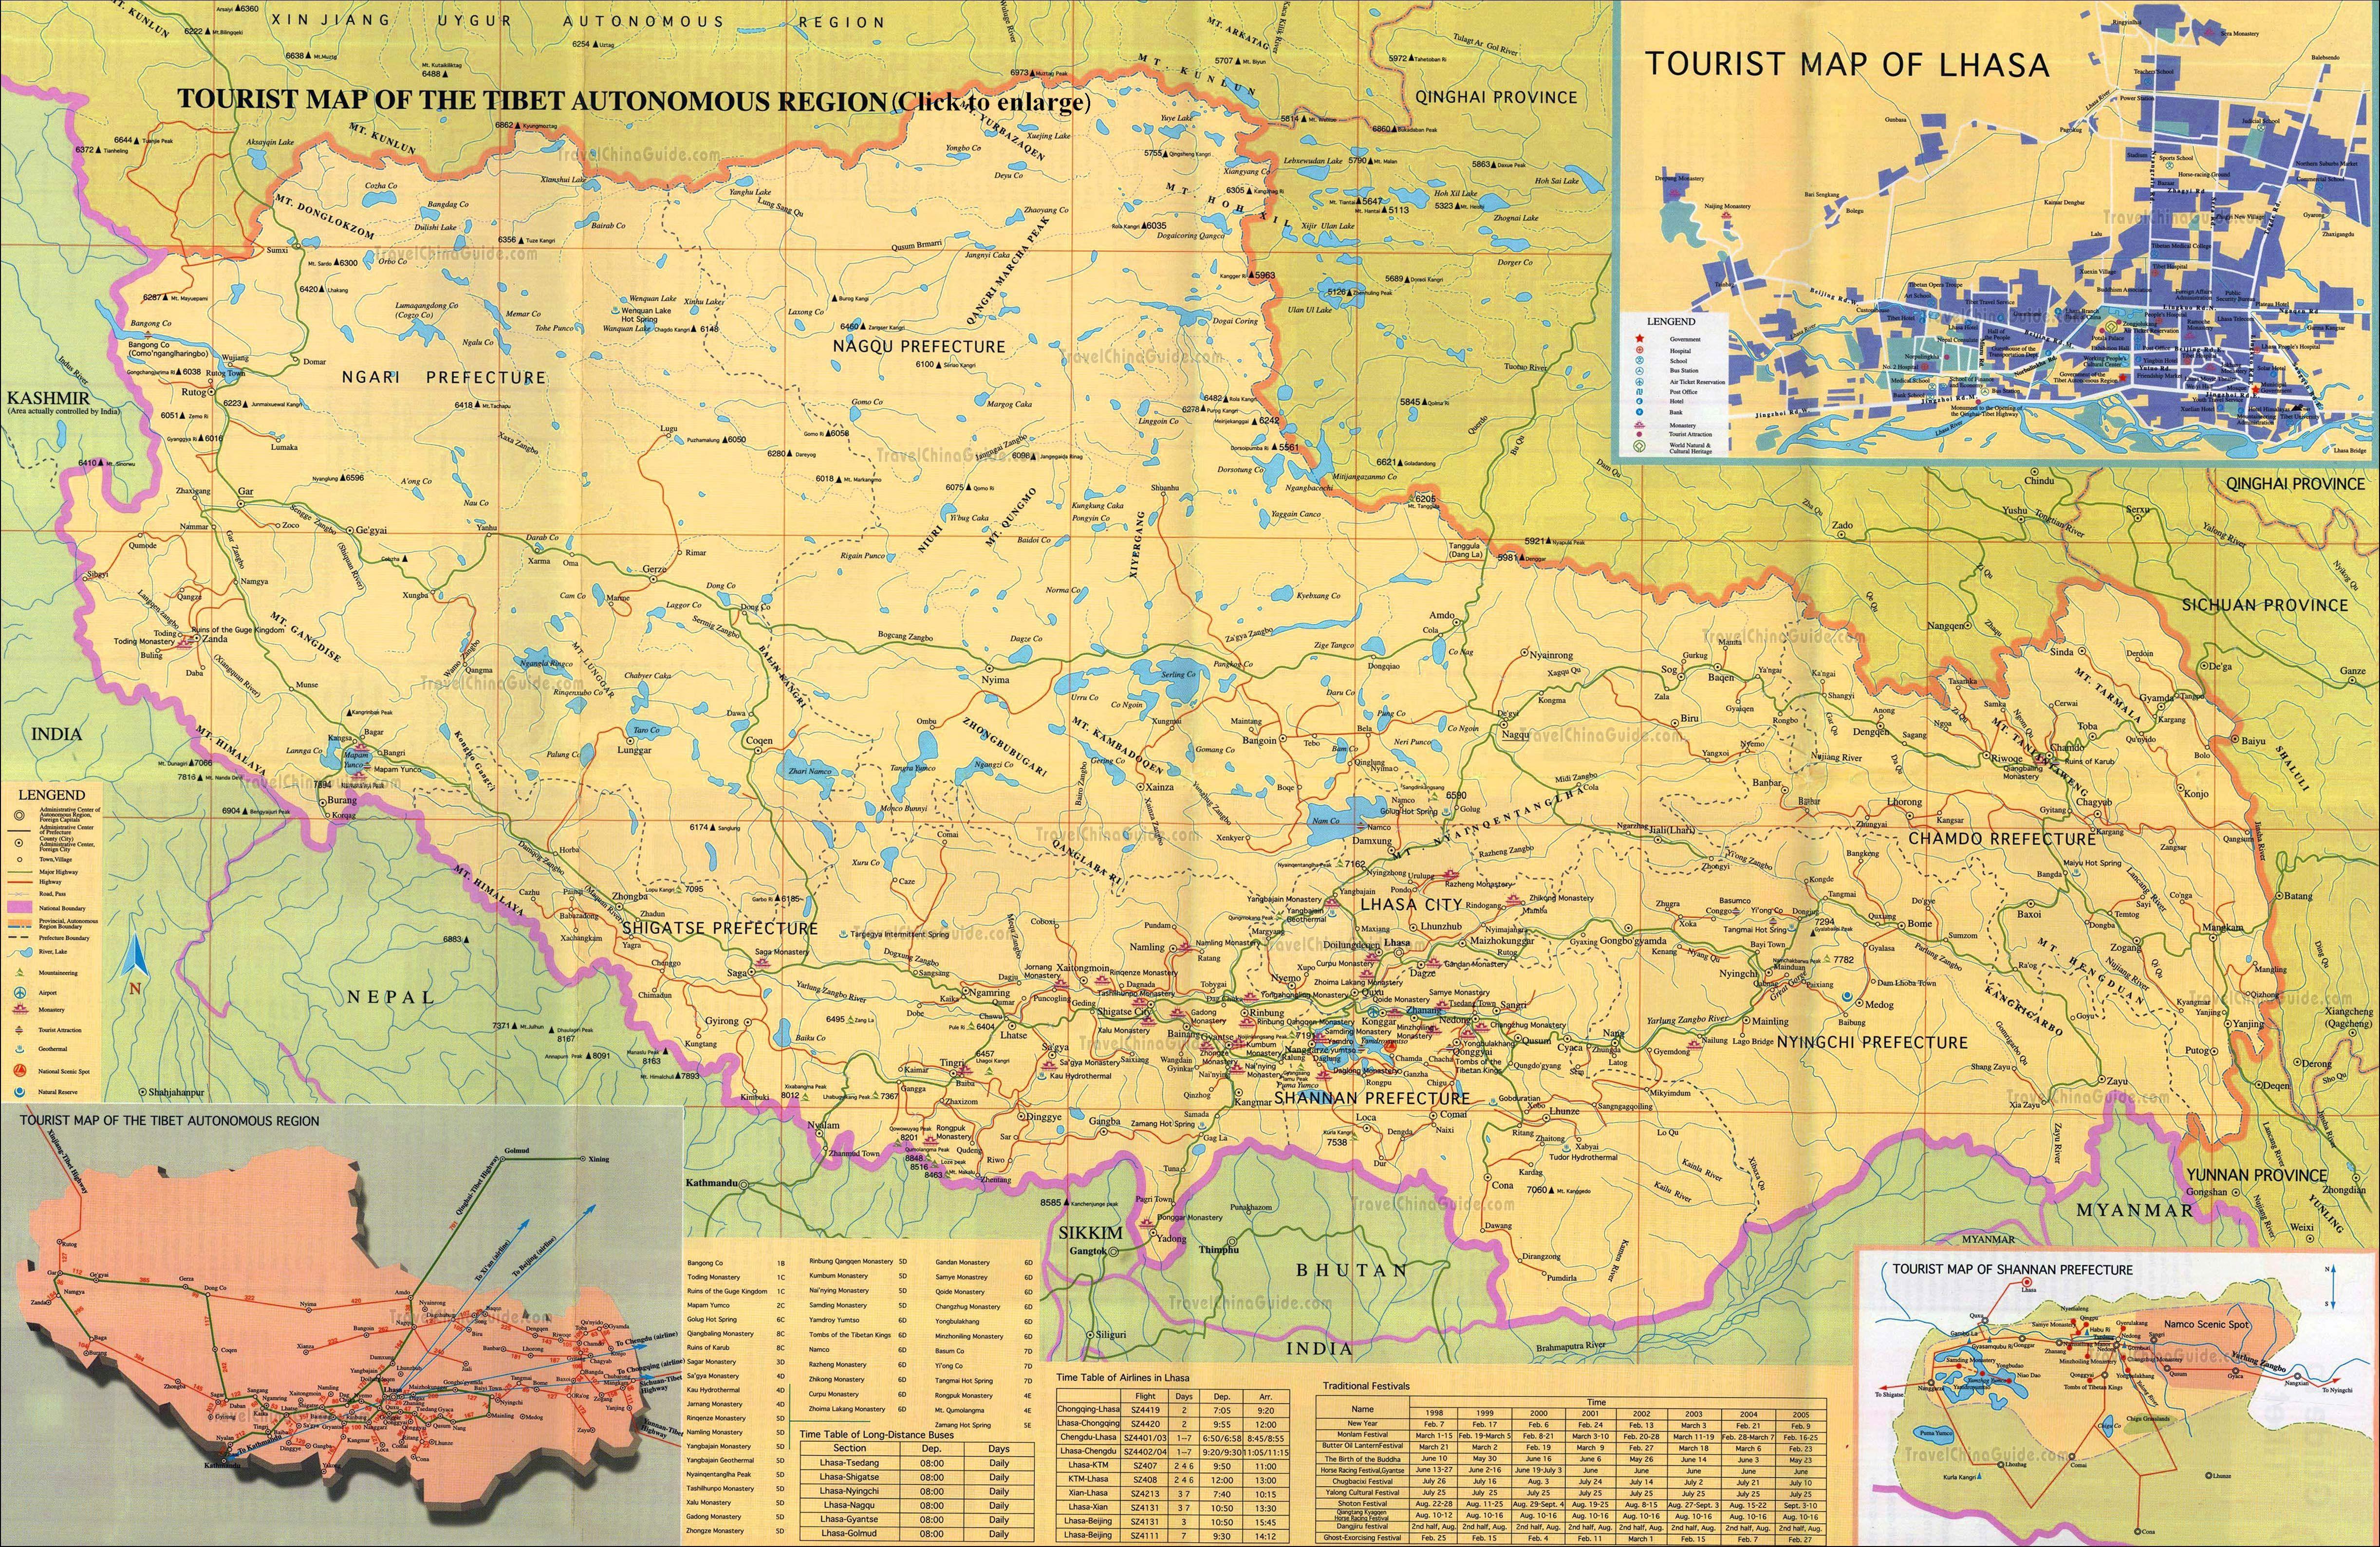 Karte Der Sehenswurdigkeiten In Tibet Fur Chinesische Touristen